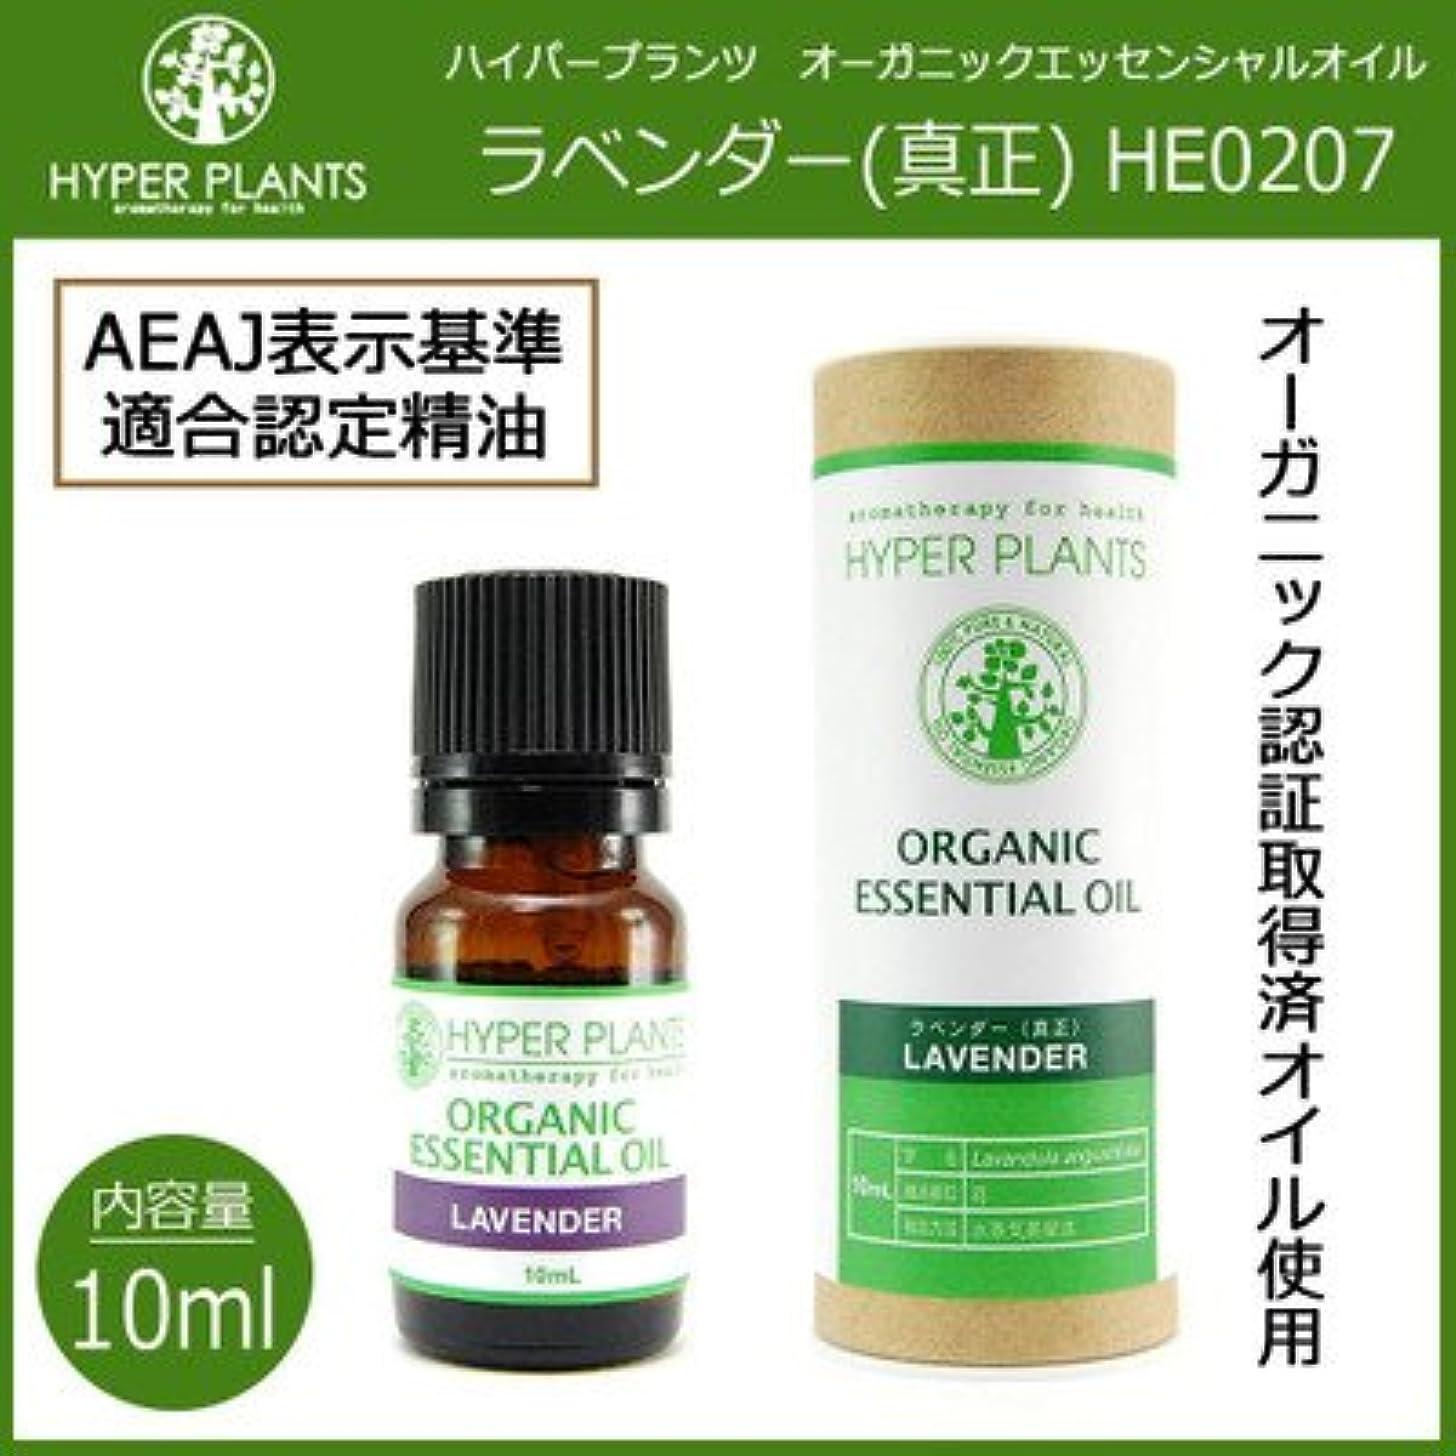 ツイン痴漢リマ毎日の生活にアロマの香りを HYPER PLANTS ハイパープランツ オーガニックエッセンシャルオイル ラベンダー 真正 10ml HE0207